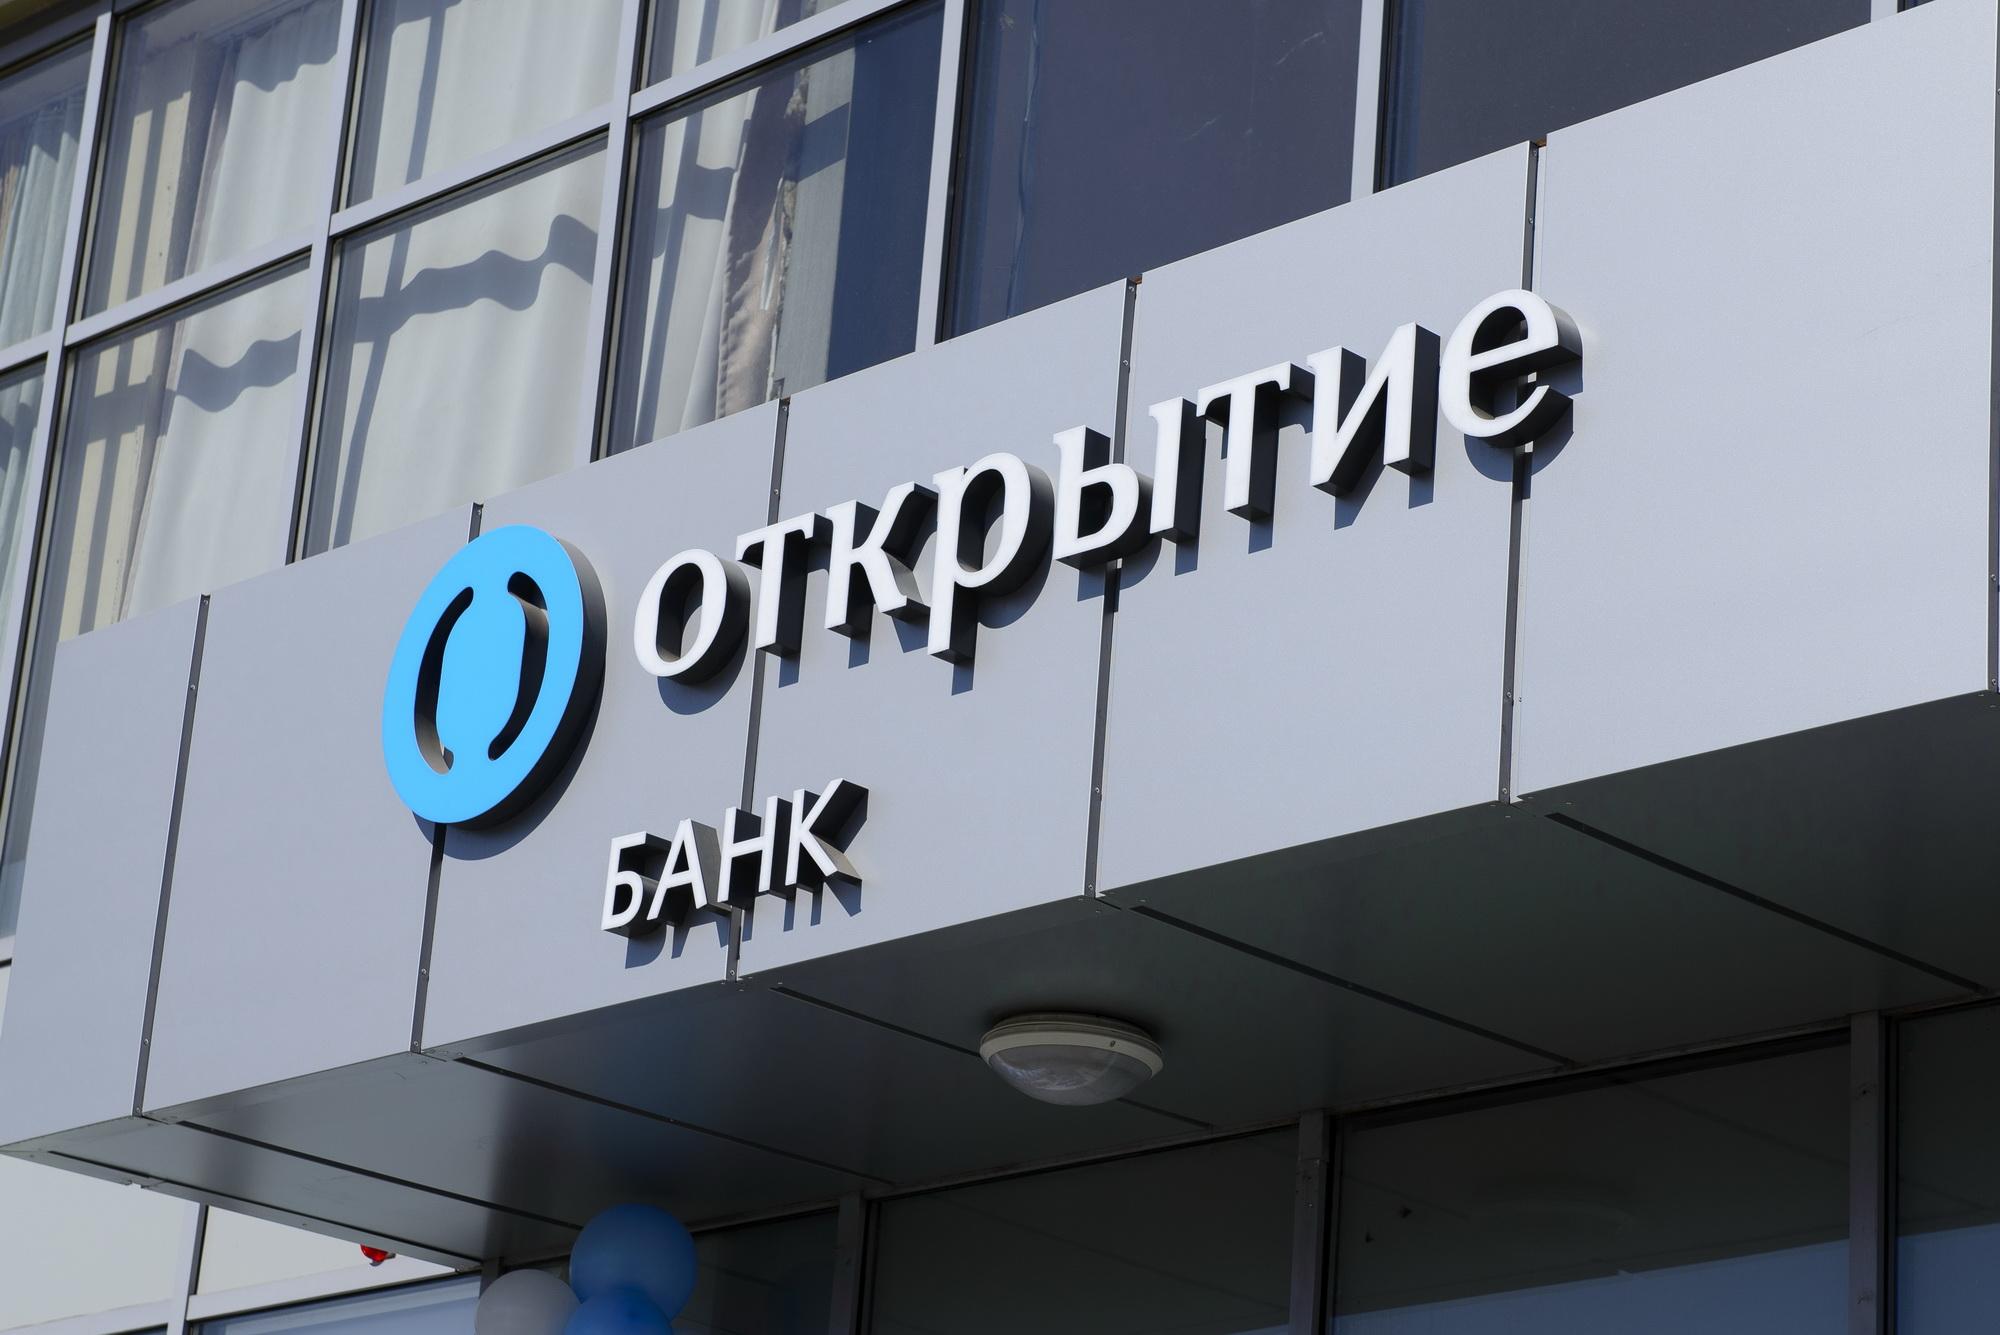 Банк «Открытие» выделил 100 млн. рублей МЕДСИ на помощь в борьбе с пандемией COVID-19